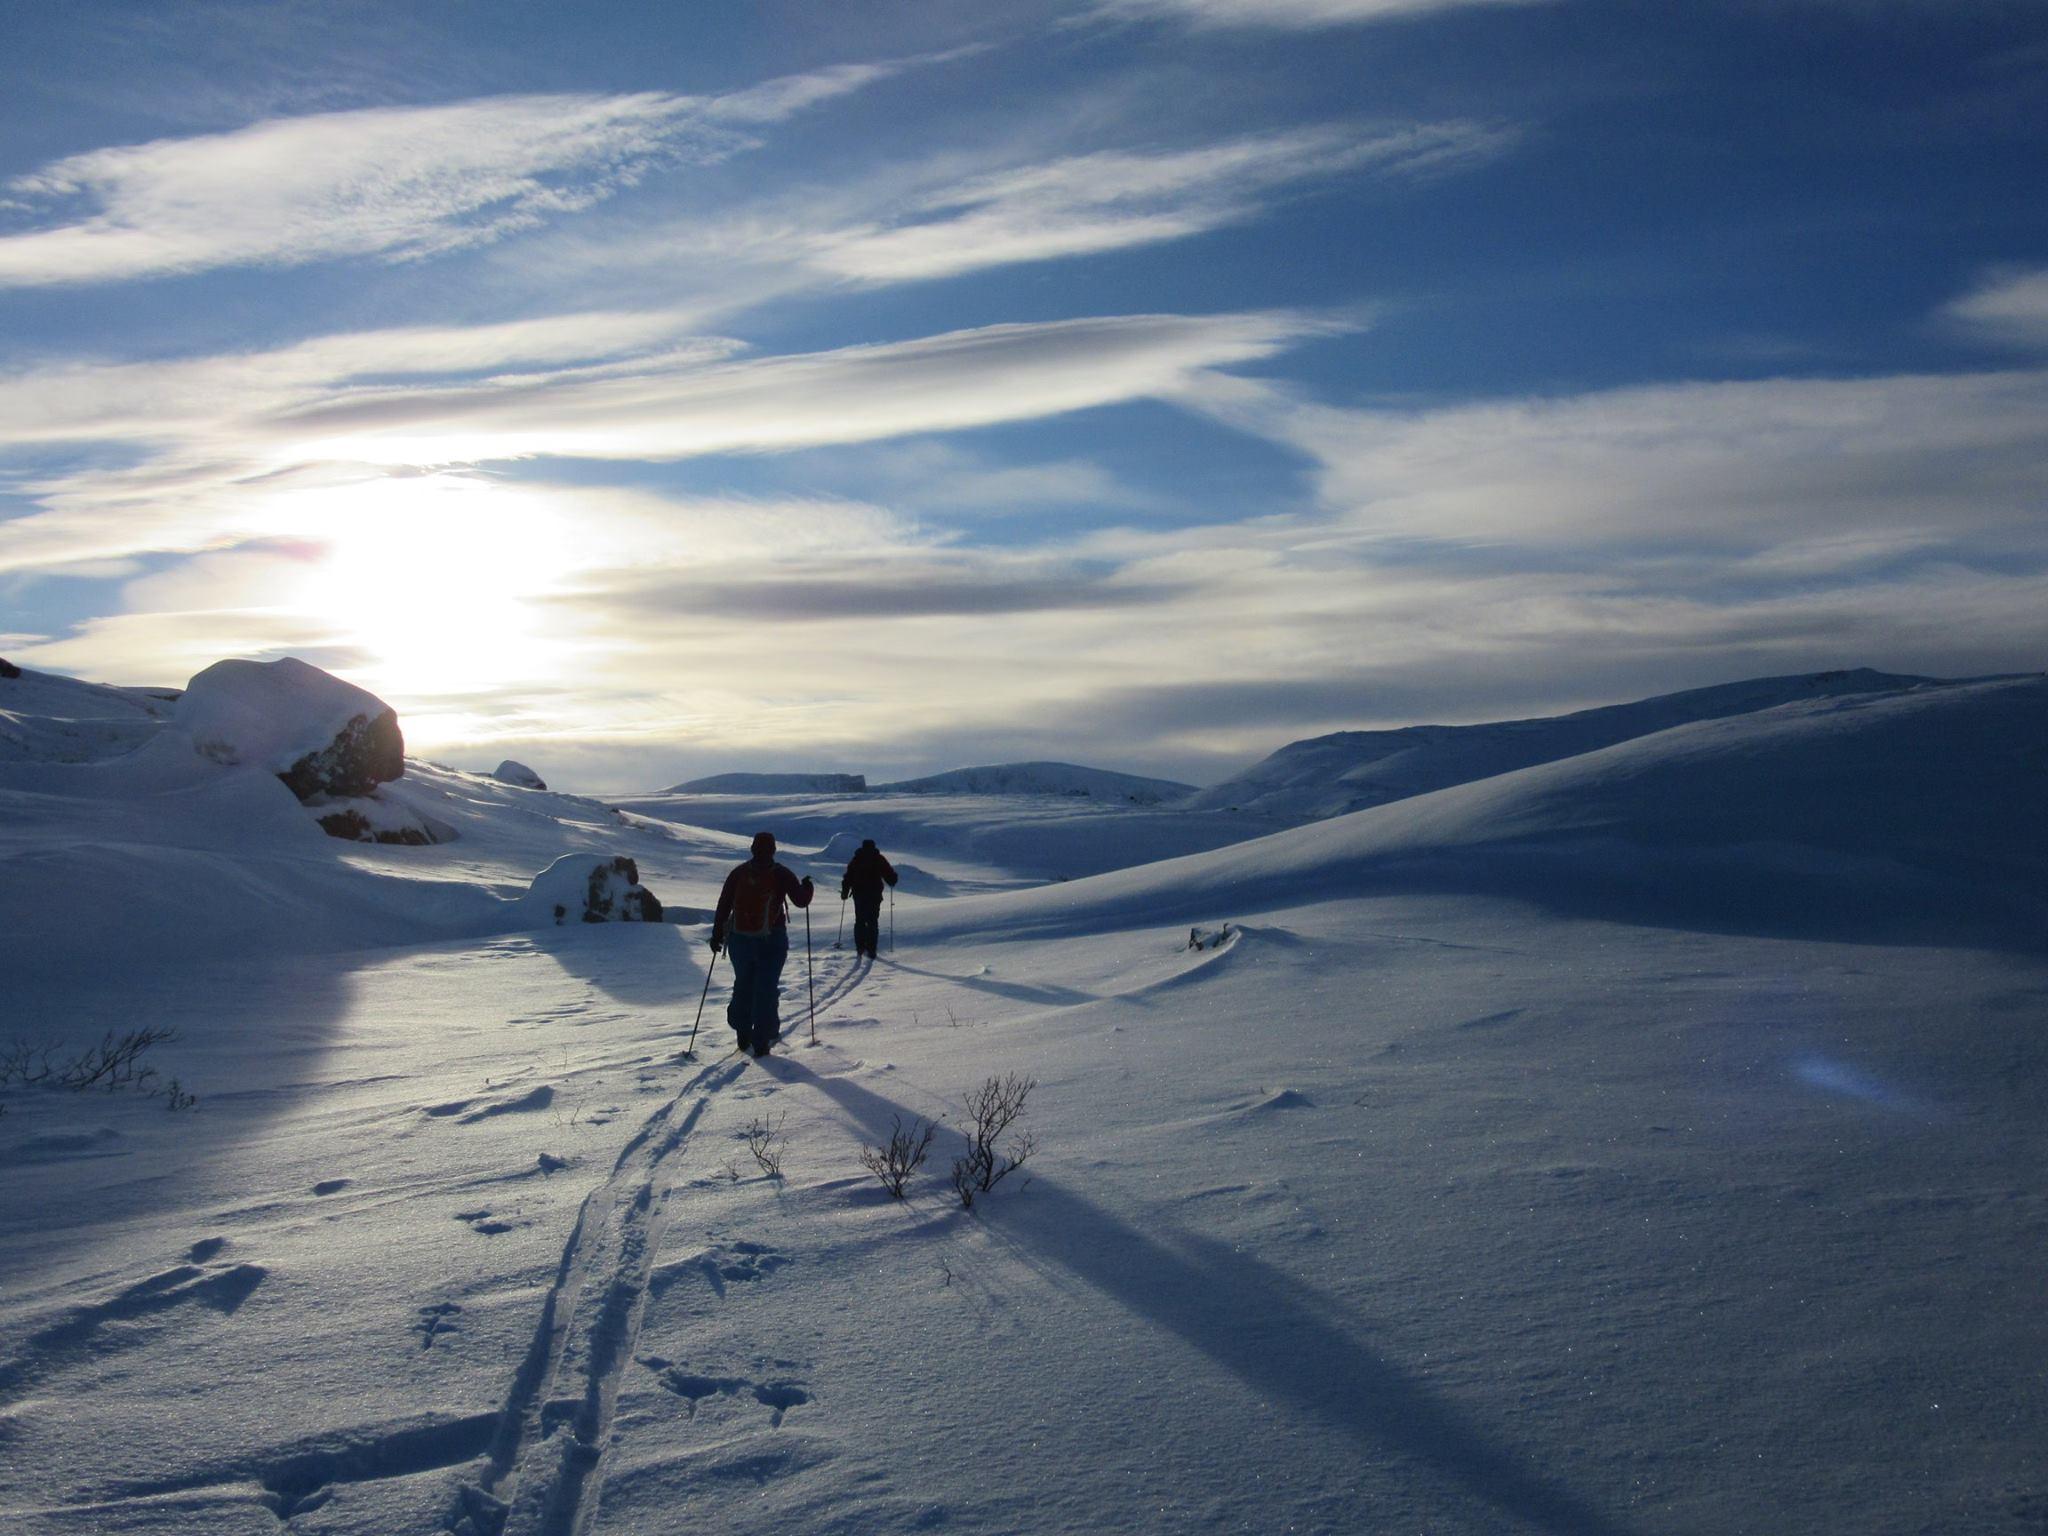 Bilde av to som går på ski i fjellet